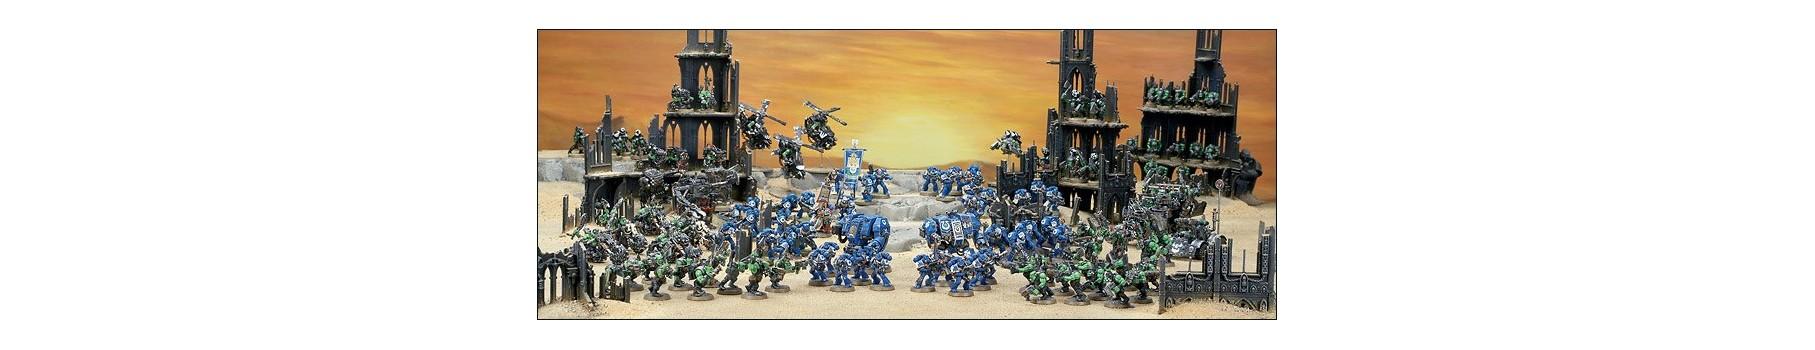 L'Univers Warhammer 40,000 de votre Ludicaire Au Chapeau Enchanté